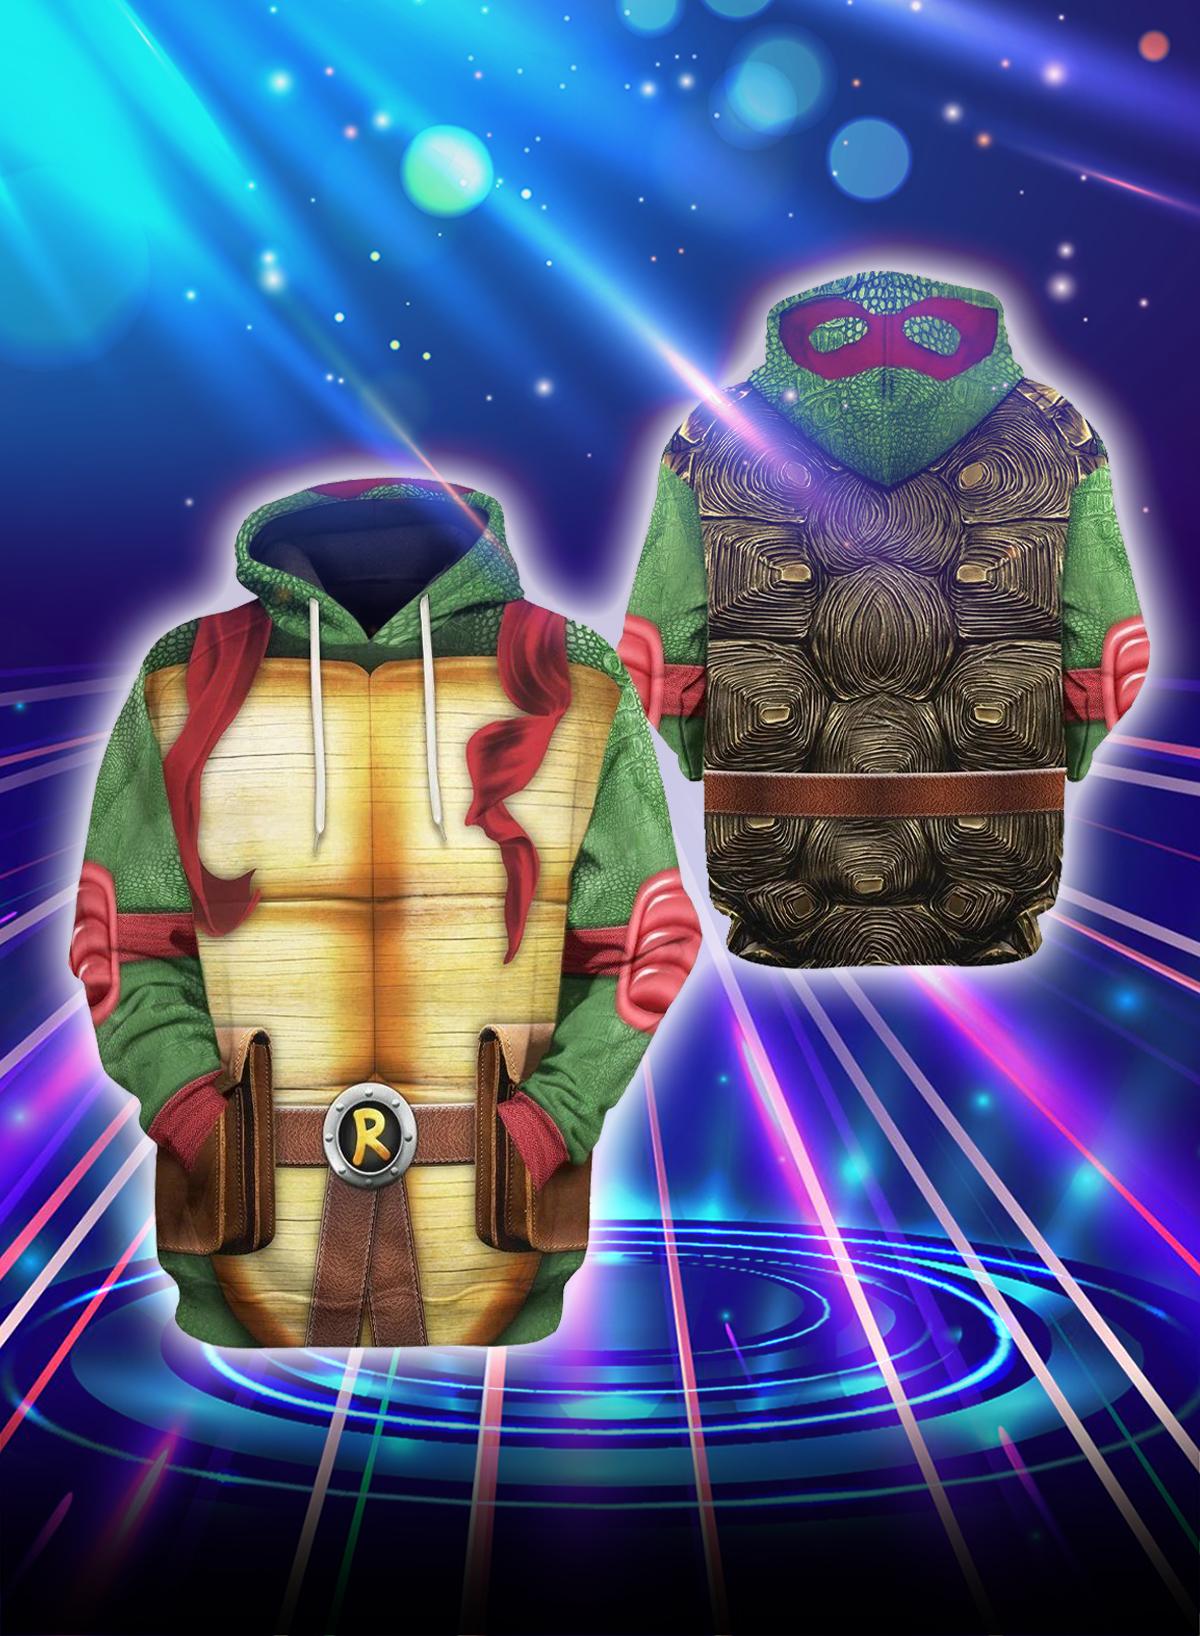 3D Cosplay Raph Teenage Mutant Ninja Turtles hoodie